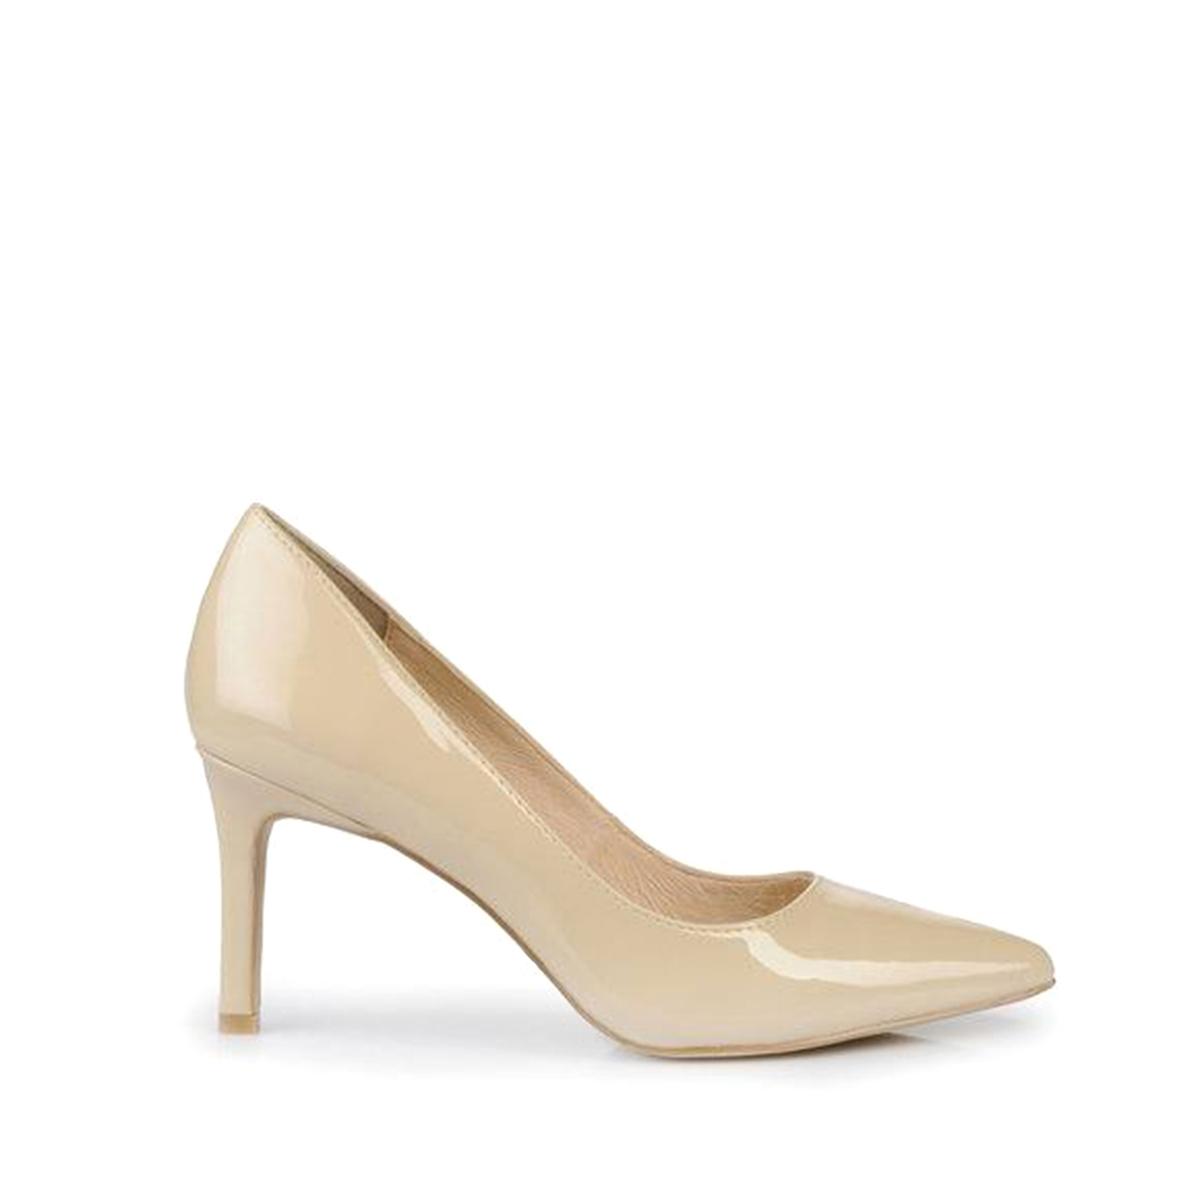 Туфли кожаные H733-C002A-4Верх : синтетика   Подкладка : Кожа.   Стелька : синтетика   Подошва : синтетика   Высота каблука : 7 см   Форма каблука : шпилька   Мысок : заостренный мысок     Застежка : без застежки<br><br>Цвет: телесный,черный